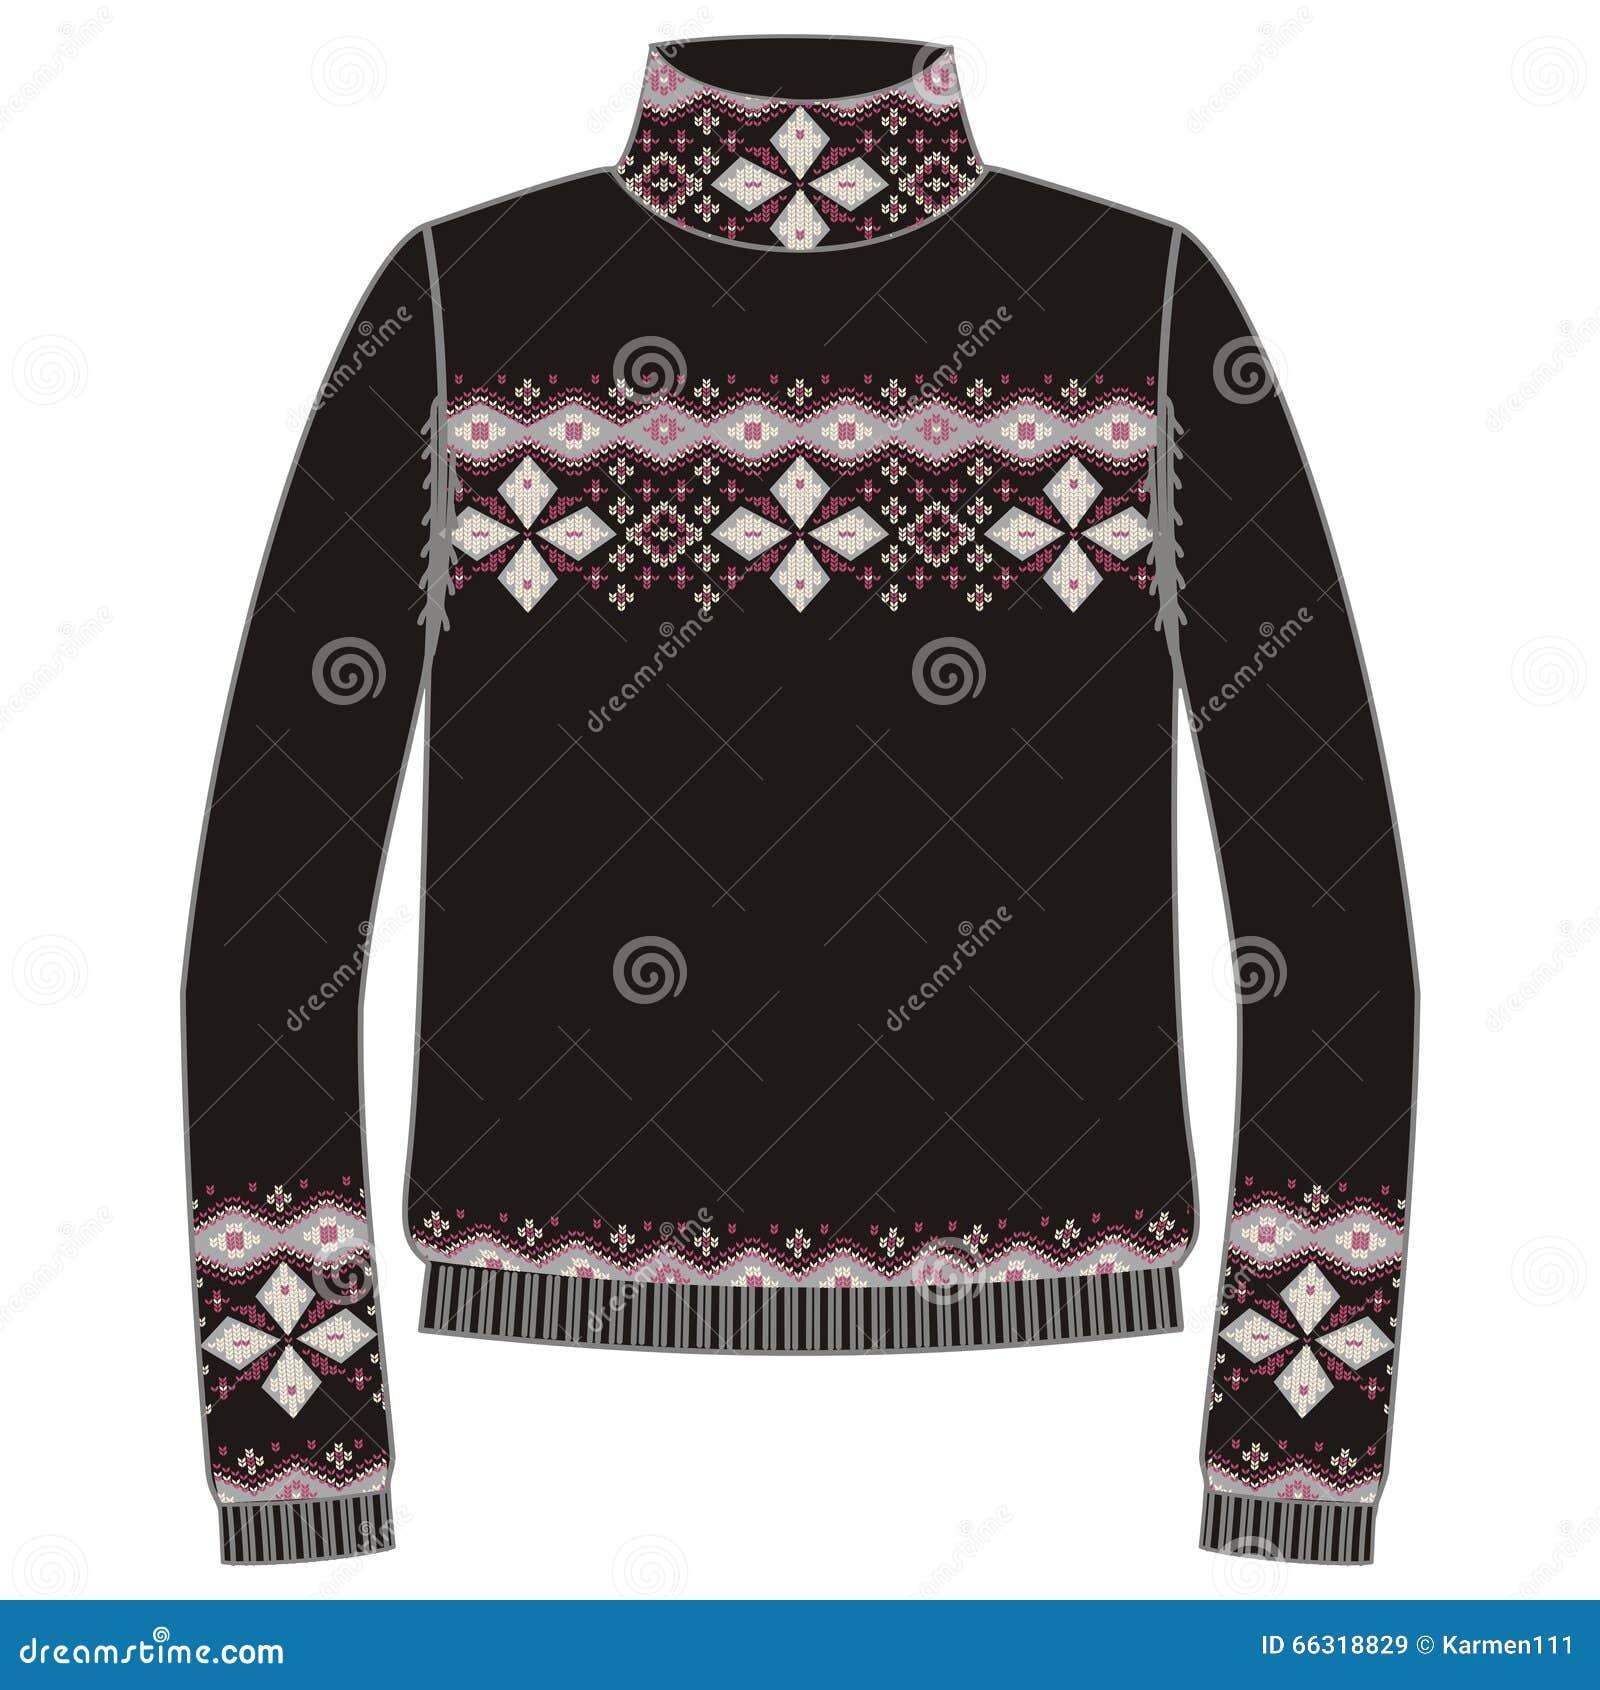 Свитер зимы теплый handmade, svitshot, шлямбур для цвета knit, черных и голубых Дизайн - картина жаккарда снежинок